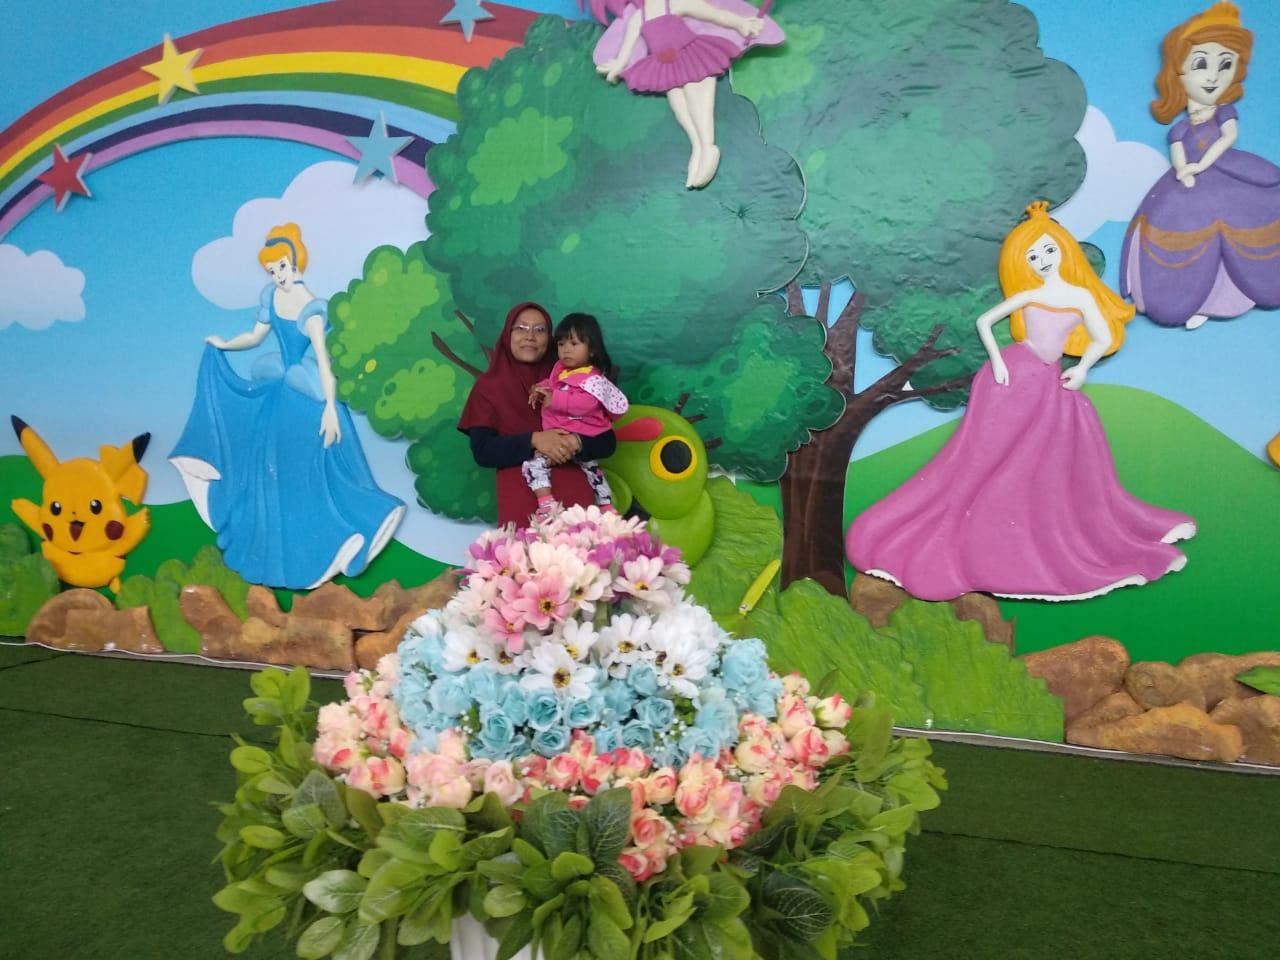 Gambar Taman Bunga Anak Sd - Gambar Ngetrend dan VIRAL